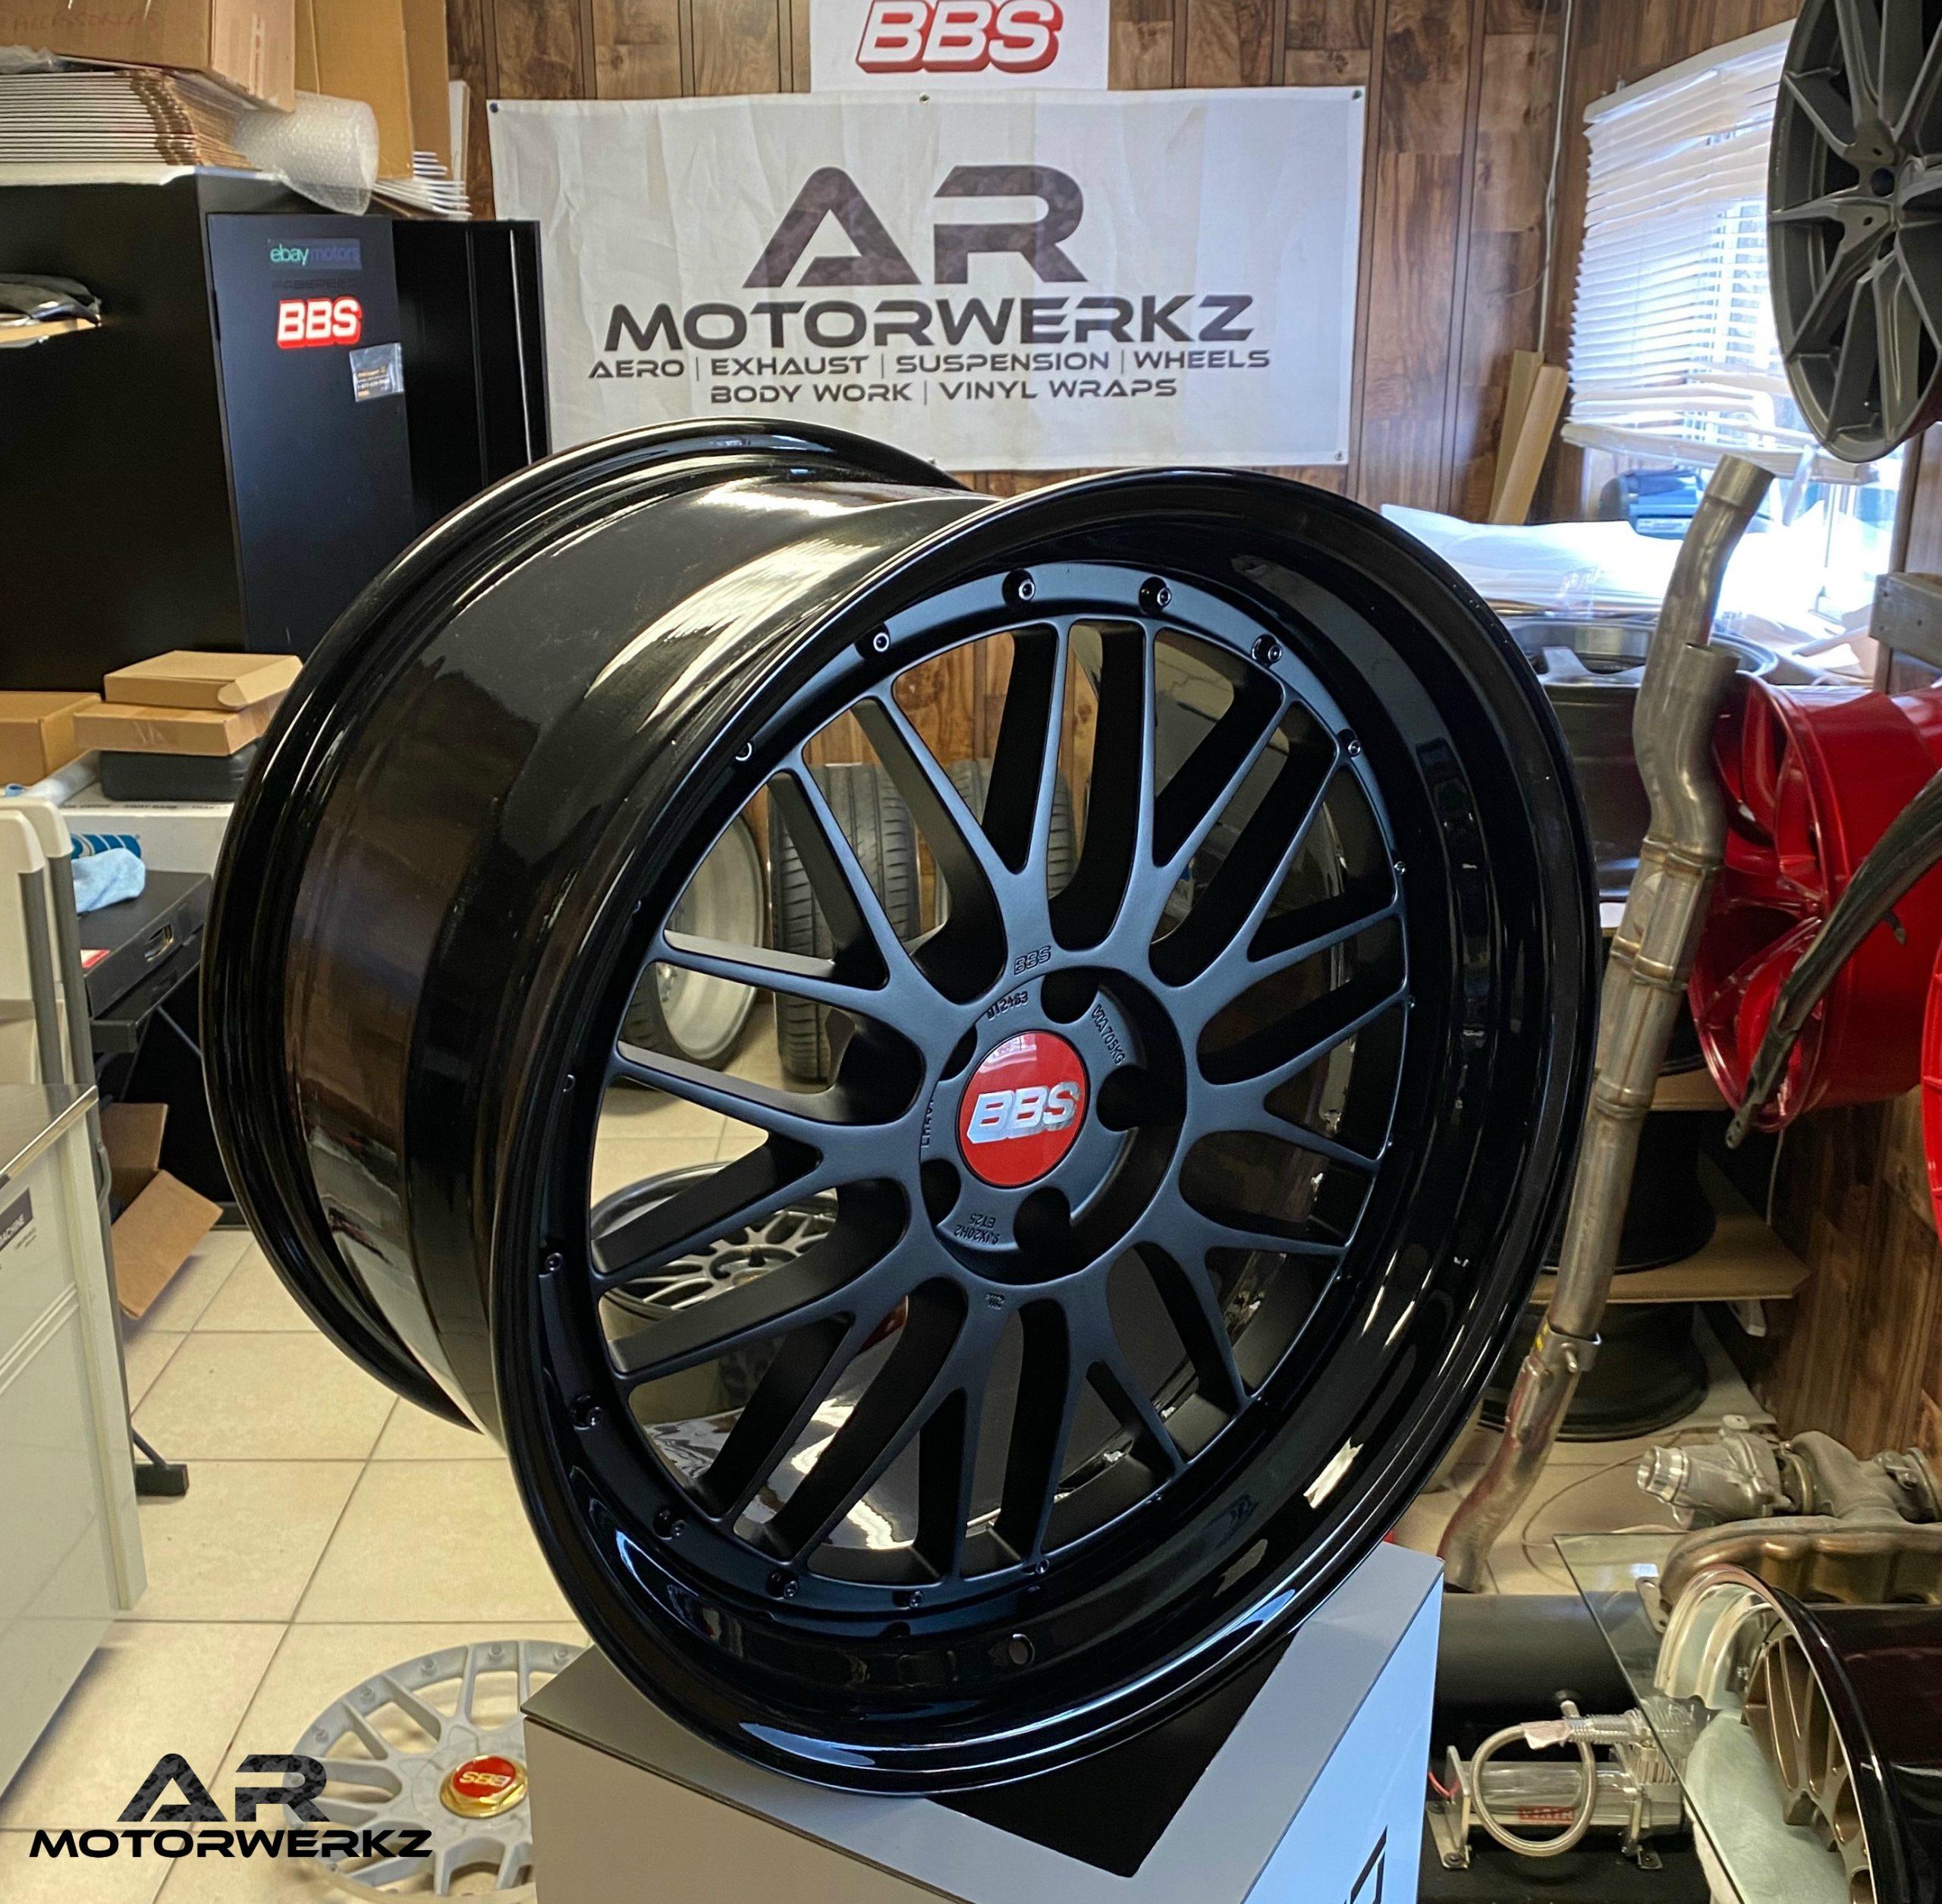 Audi Bbs Lm Gloss Black Satin Black Ar Motorwerkz